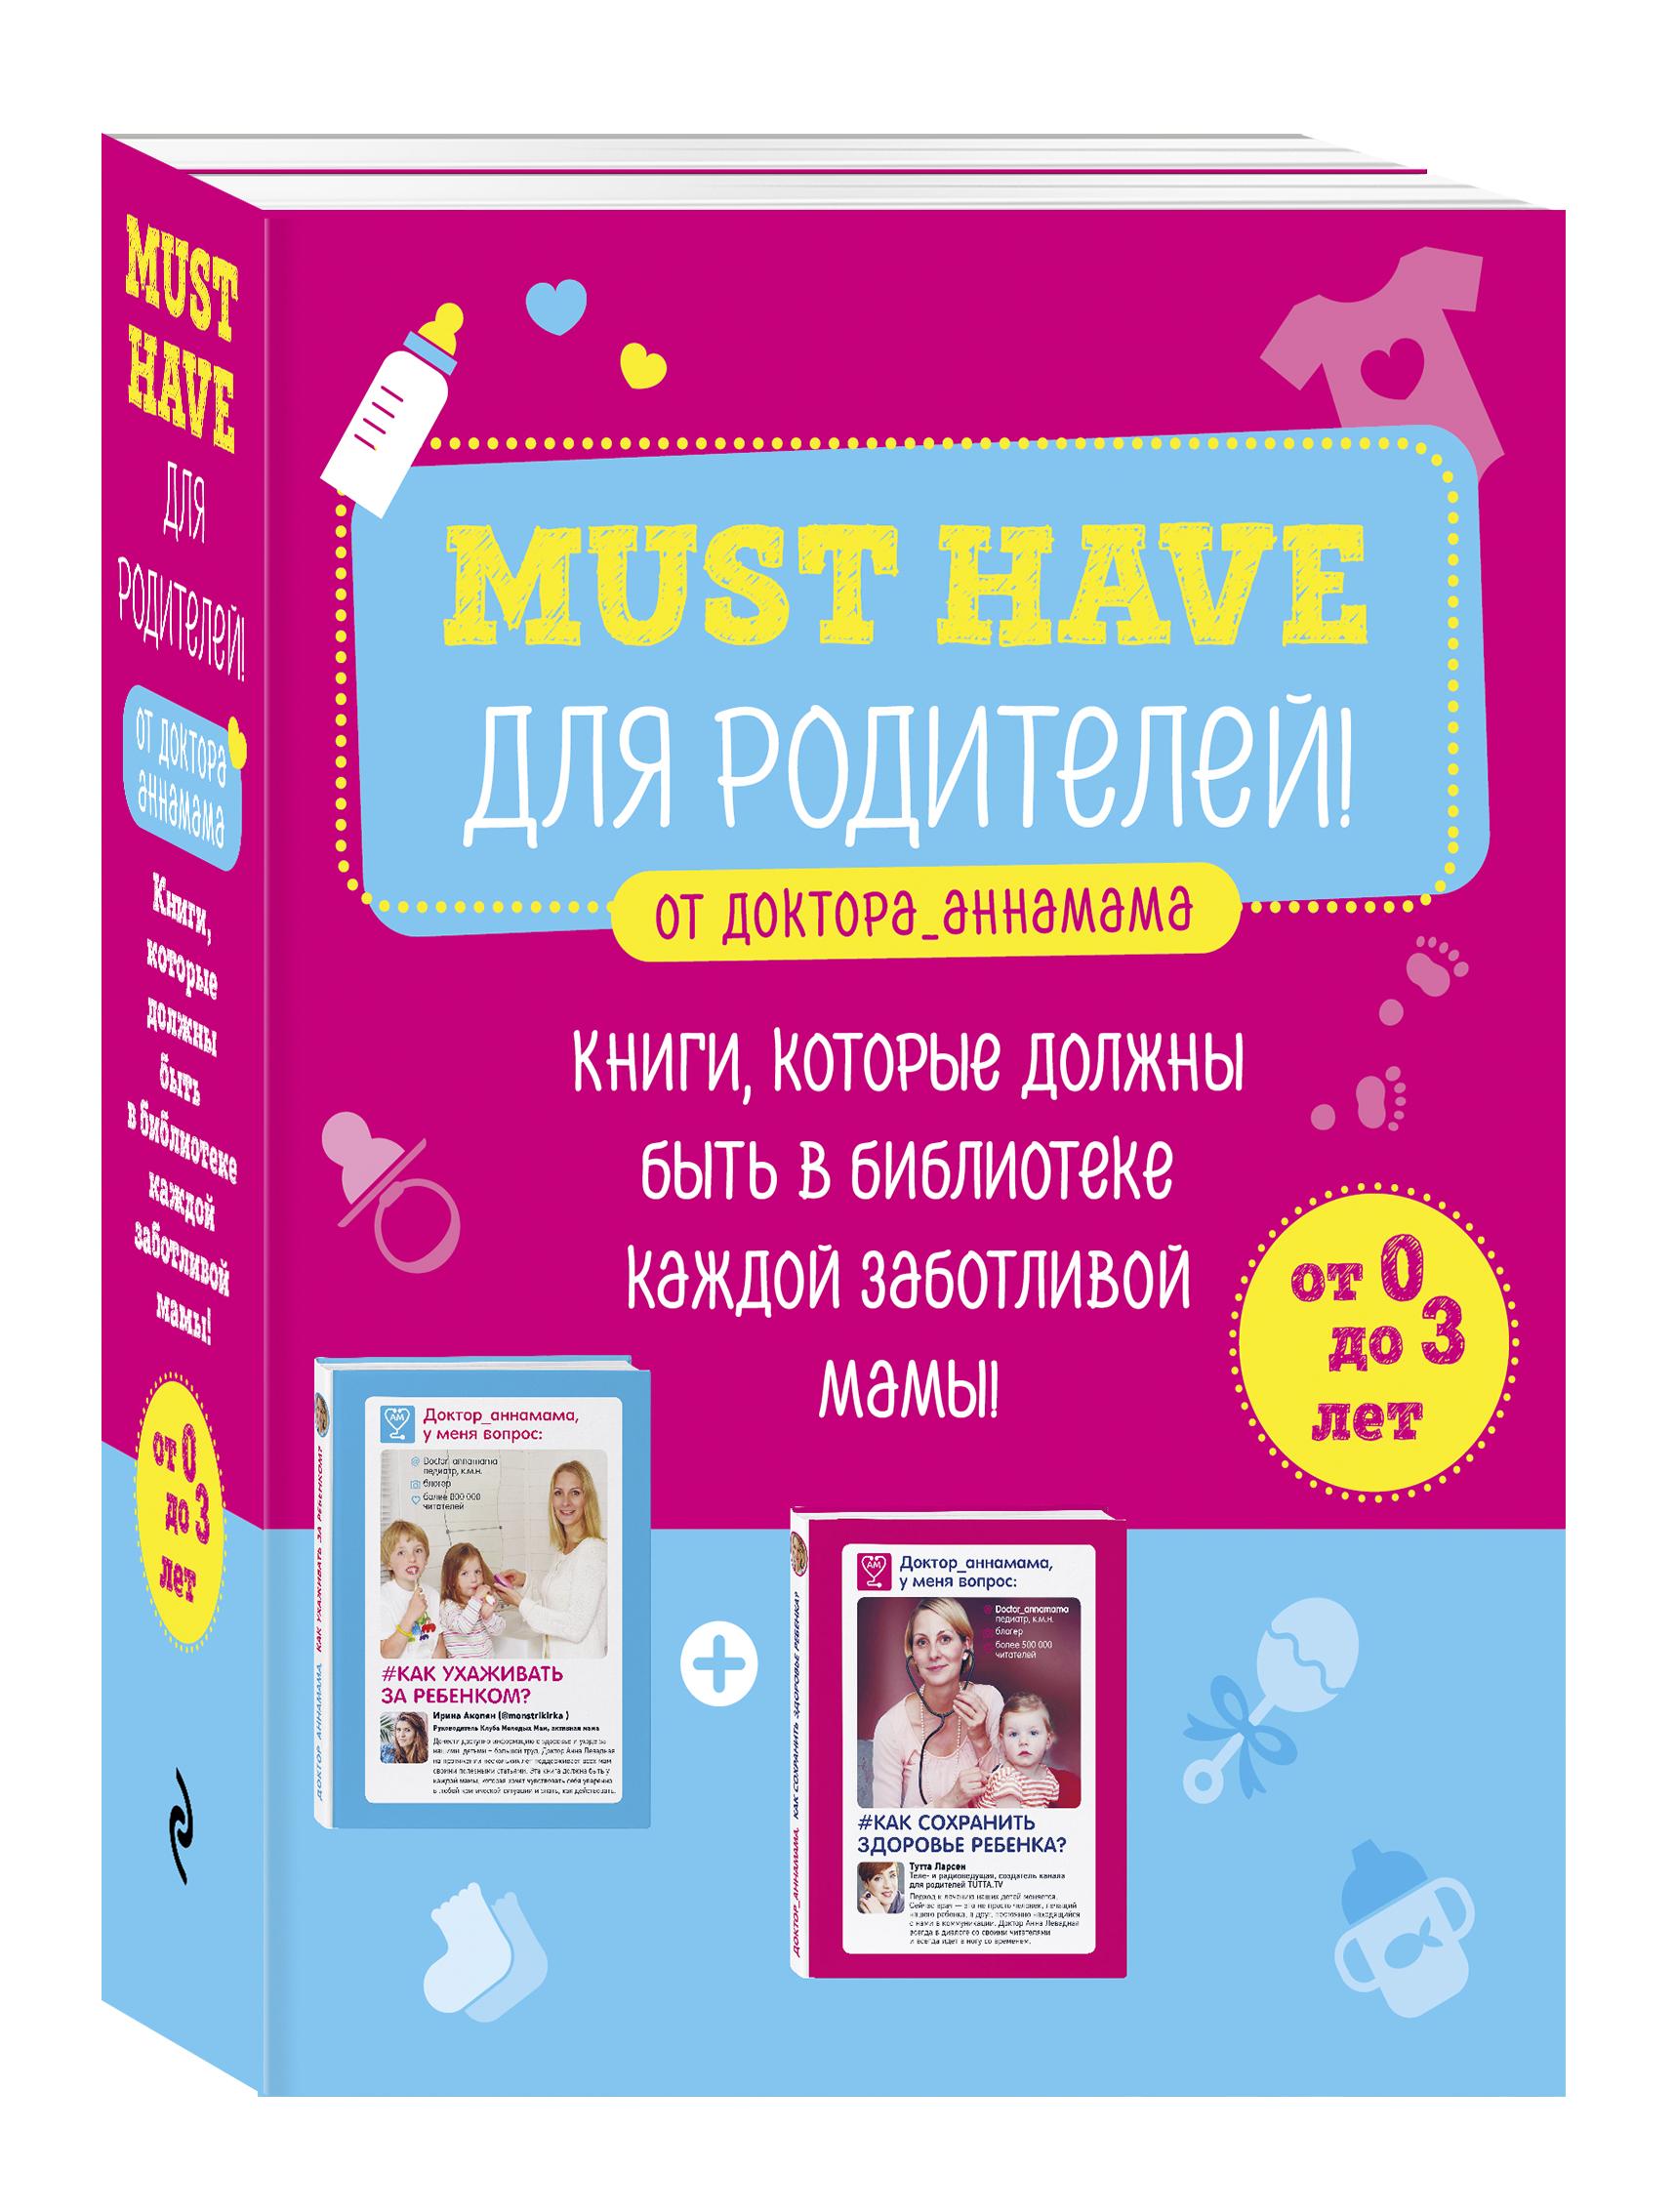 Must have для родителей от доктора_аннамама. Книги, которые должны быть в библиотеке каждой заботливой мамы (бандероль)